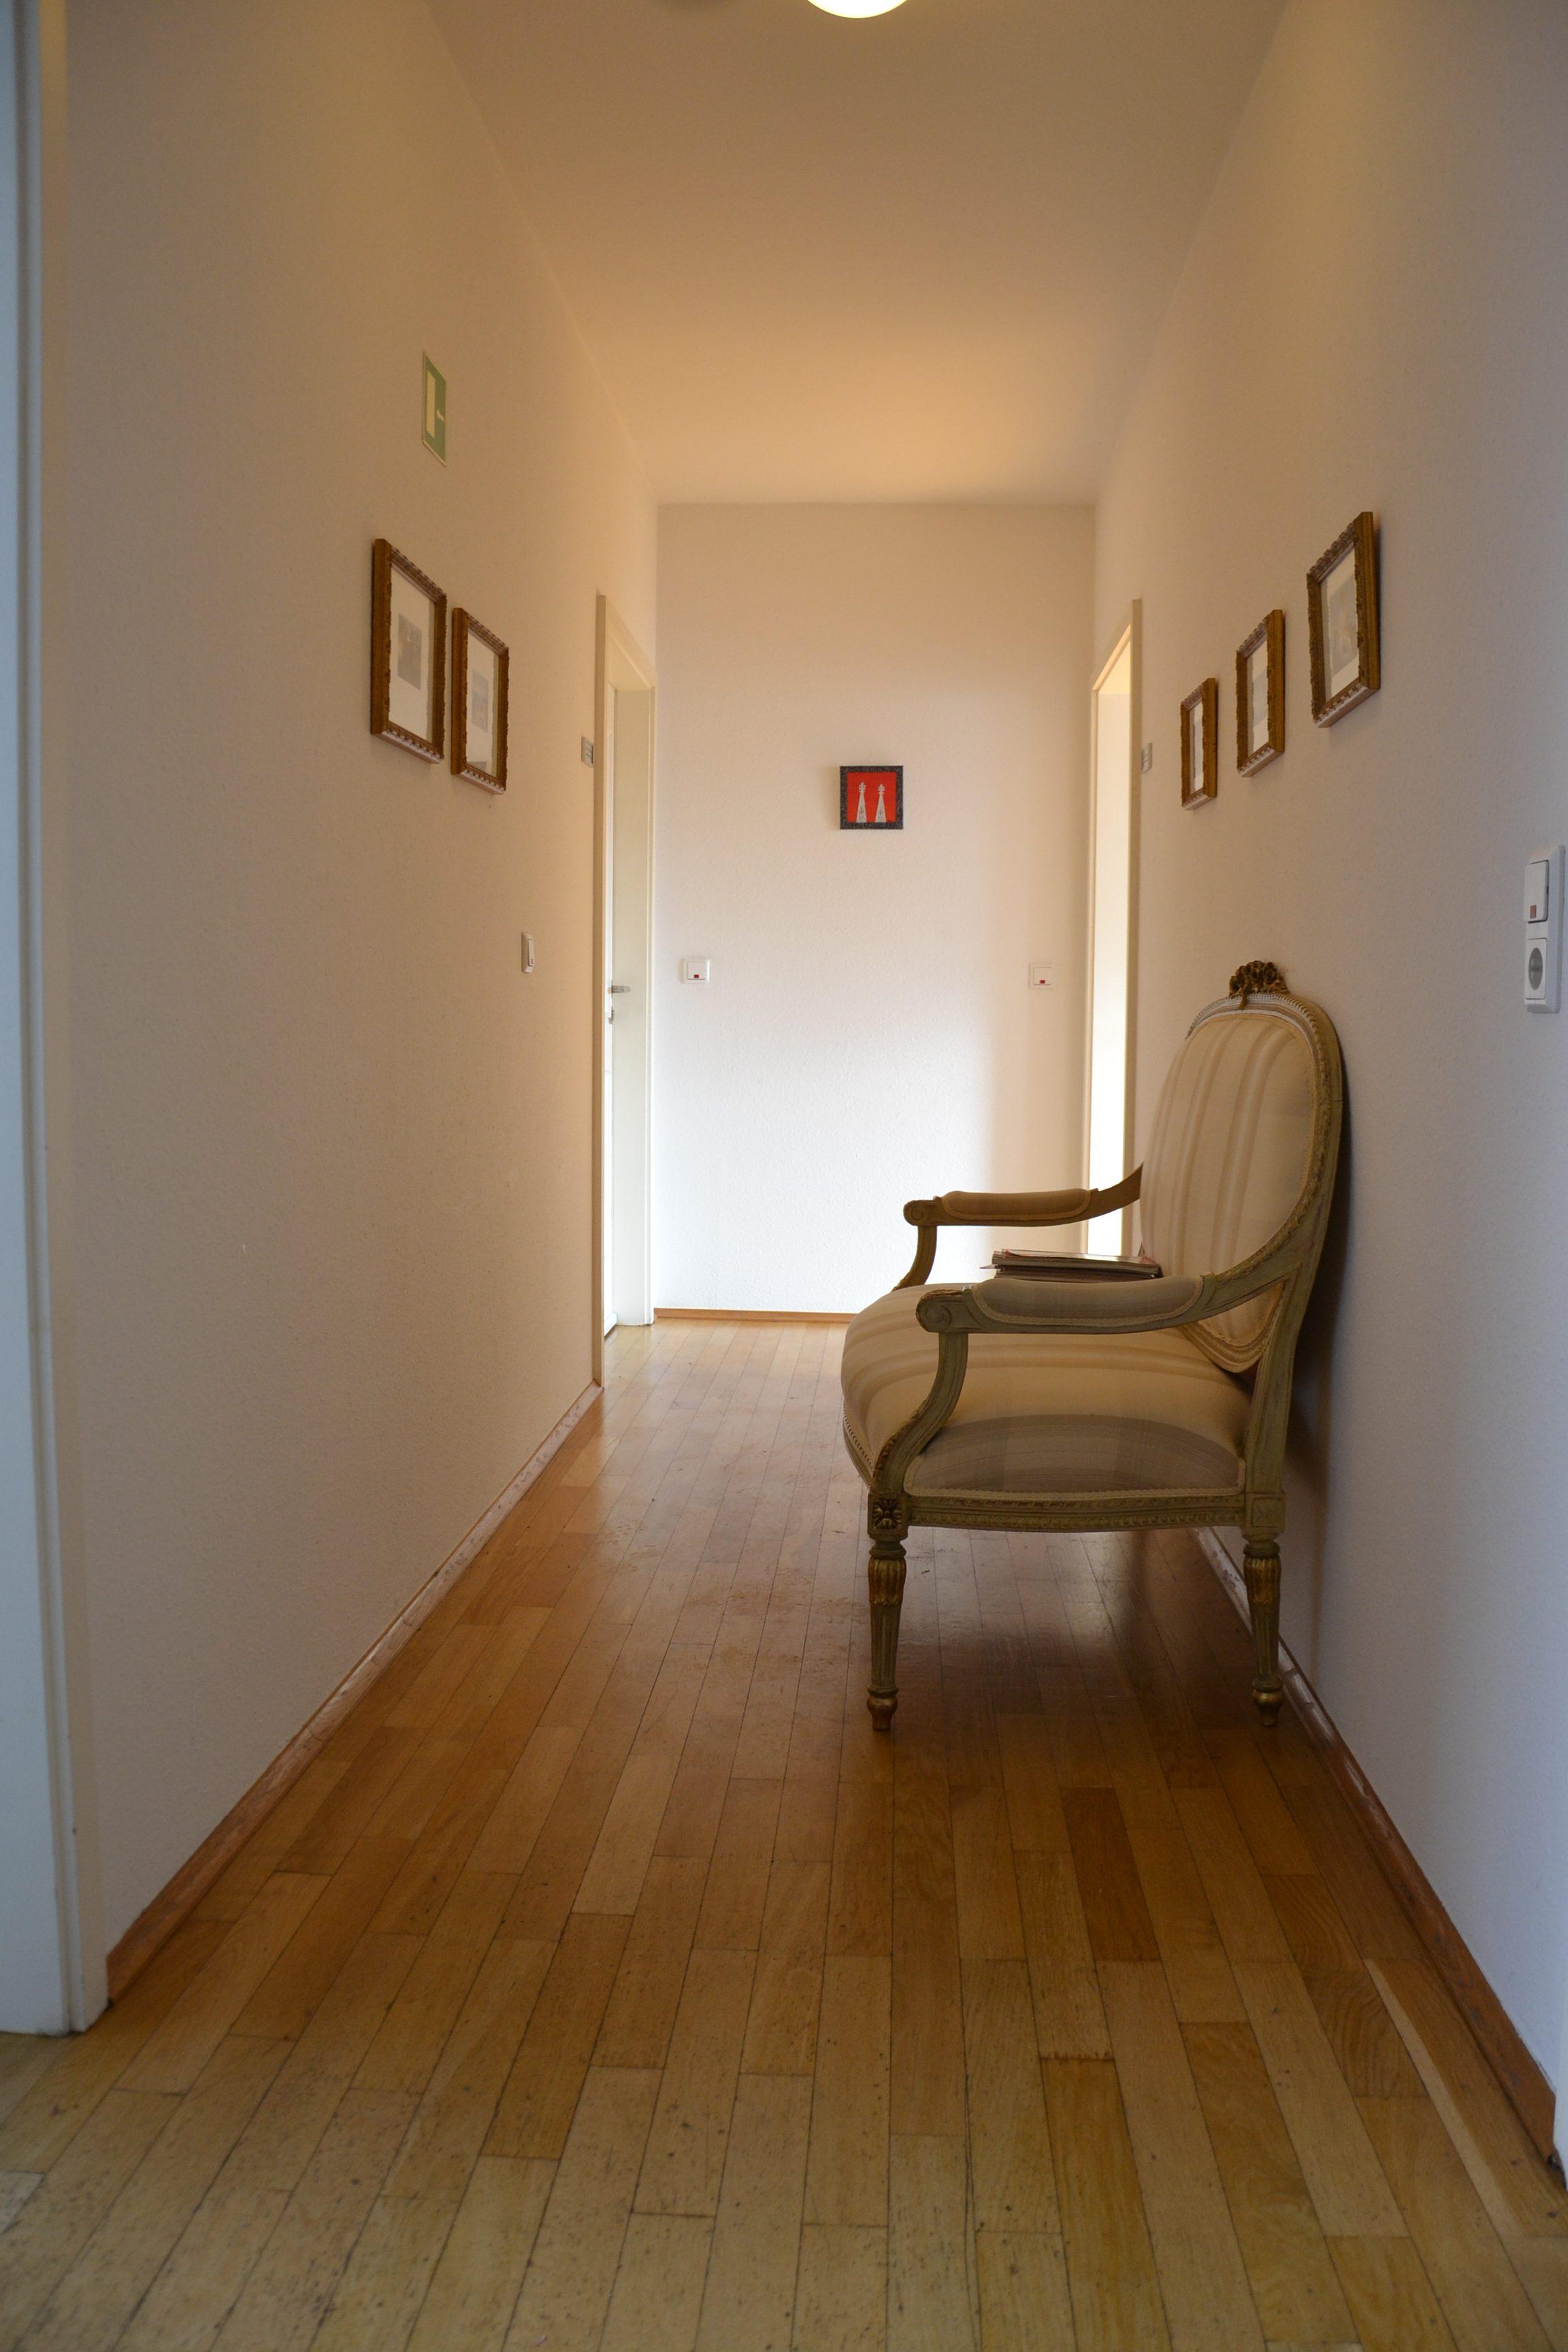 Praxis von Vera Sandoval: Der Eingangsbereich